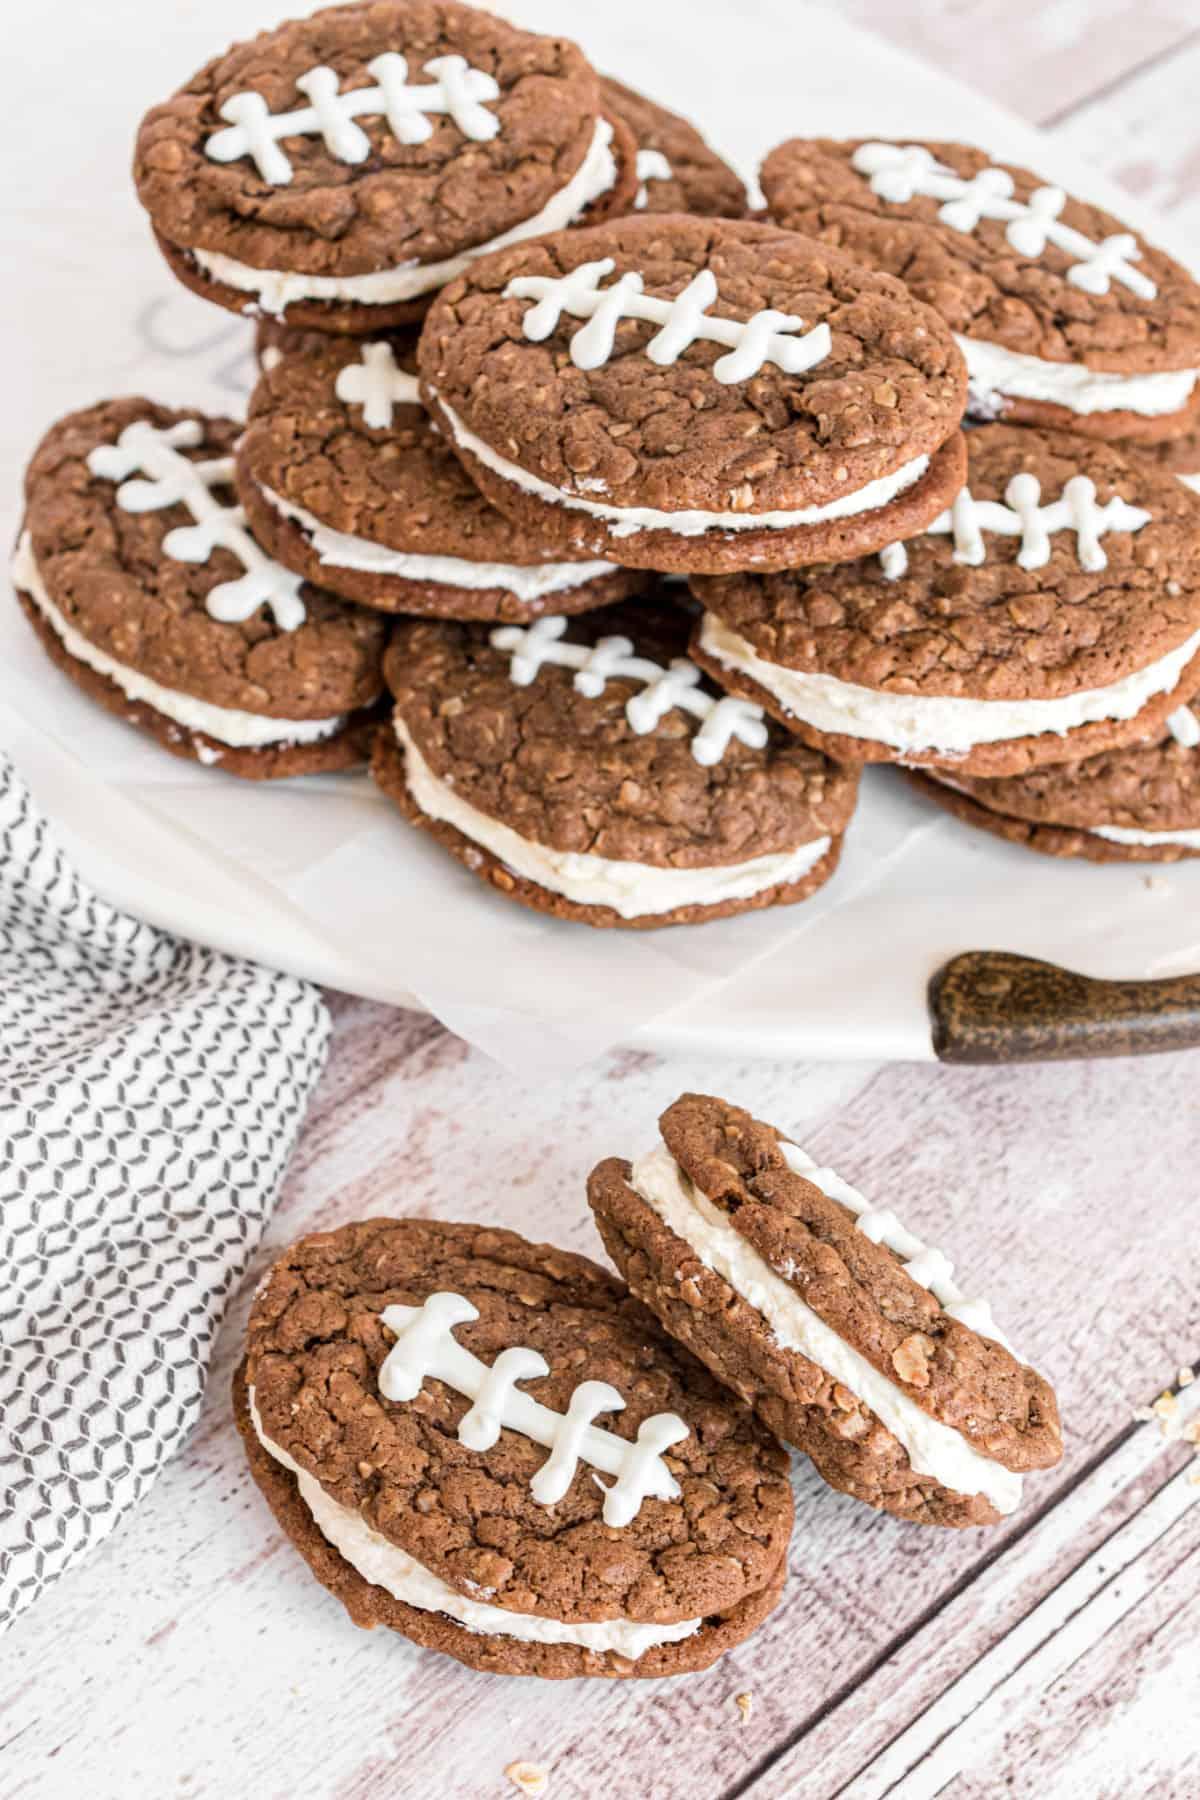 Chocolate oatmeal cream pies shaped like a football.